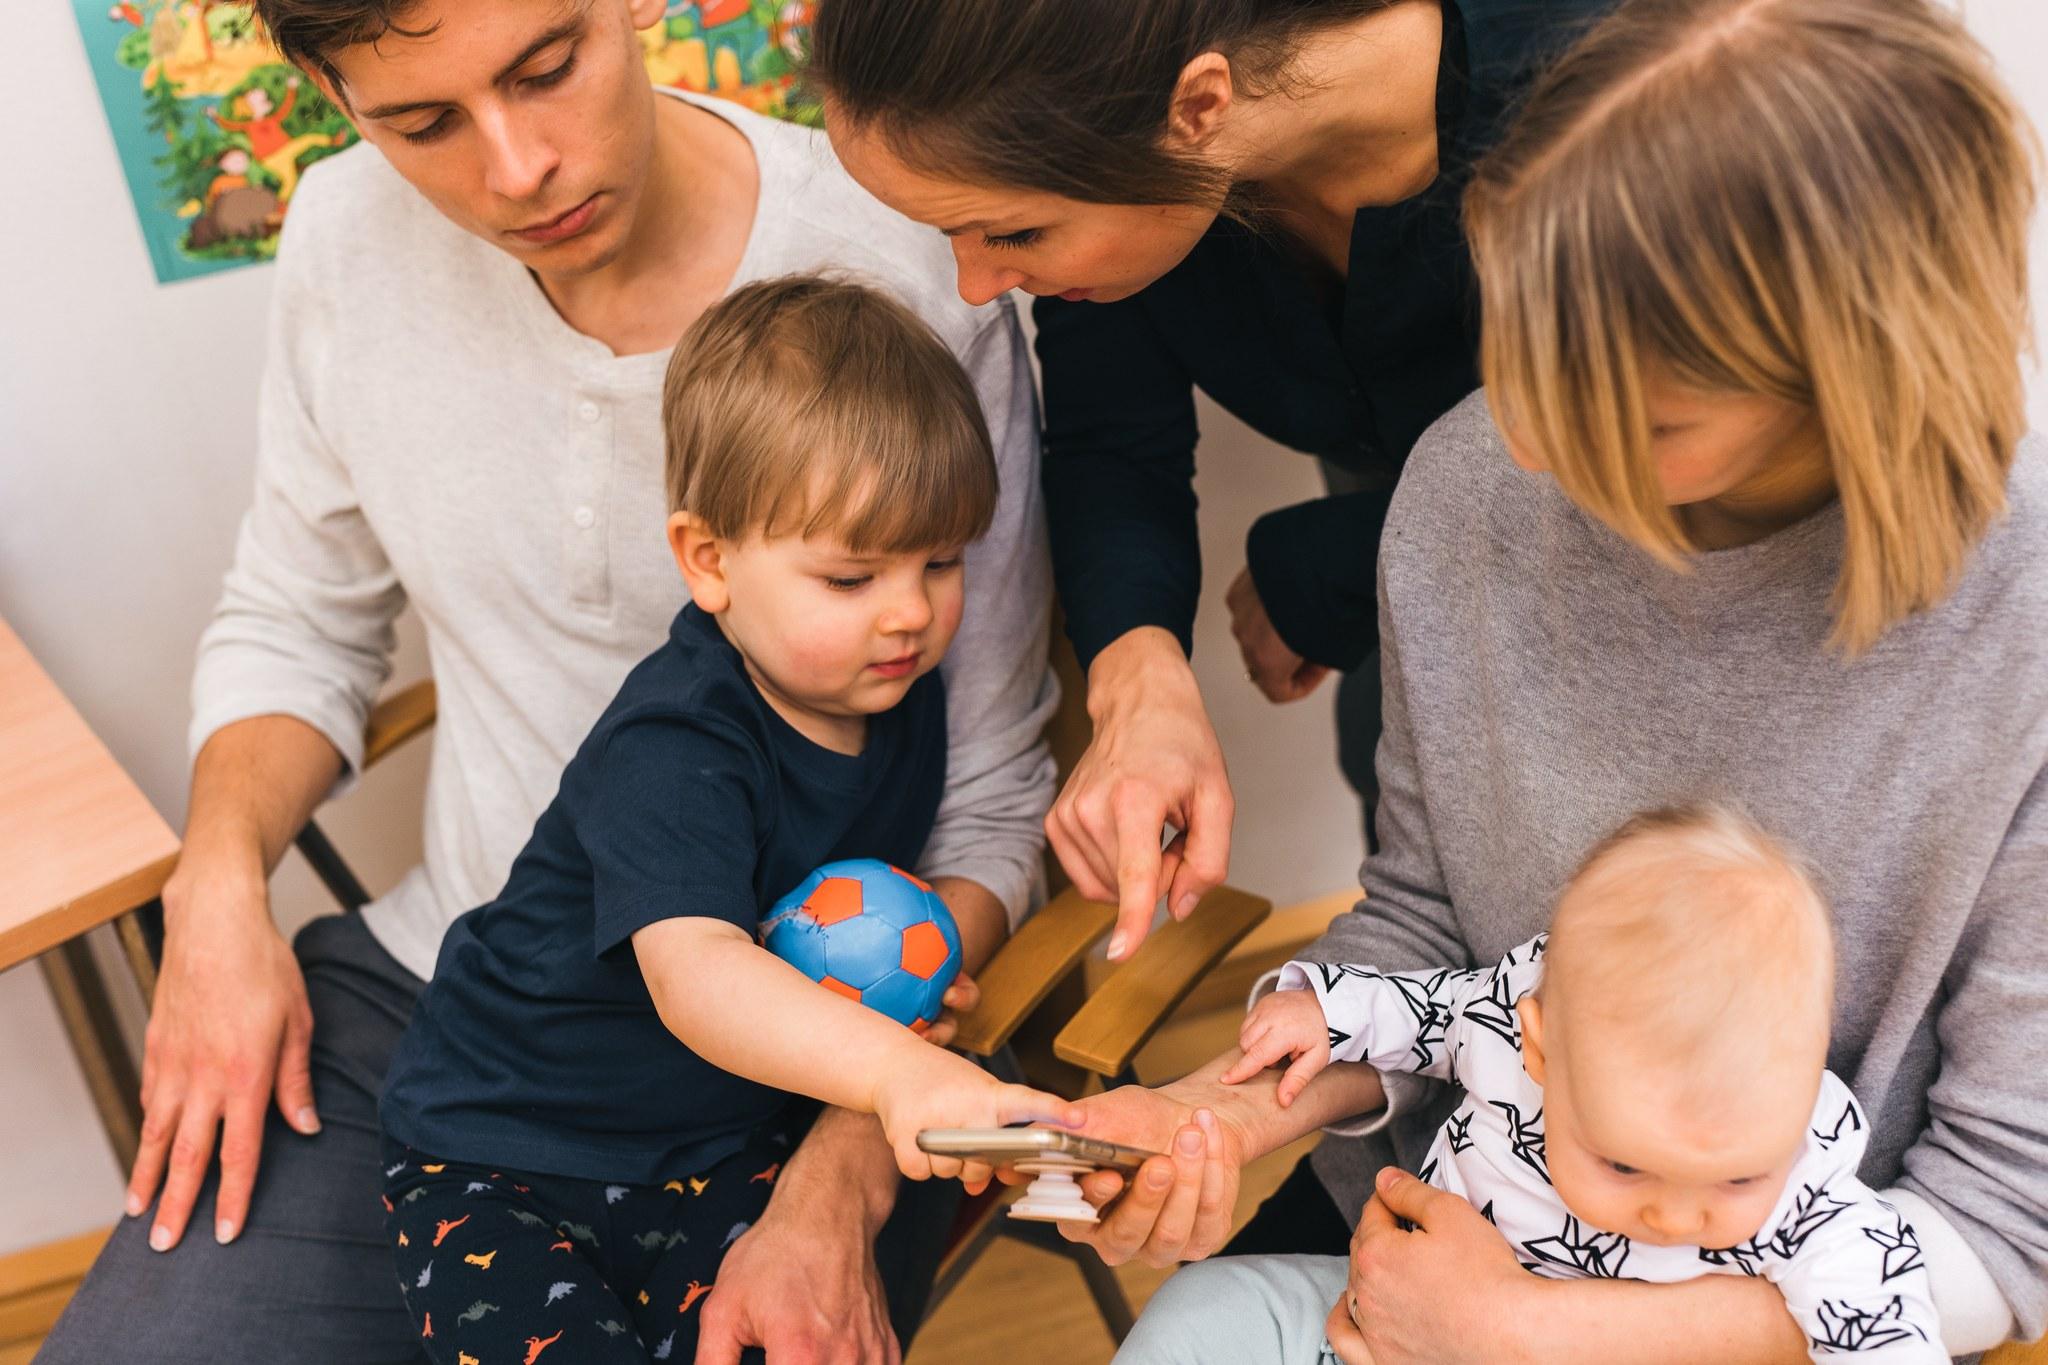 Terveydenhoitaja ja perhe katsovat digikorttia